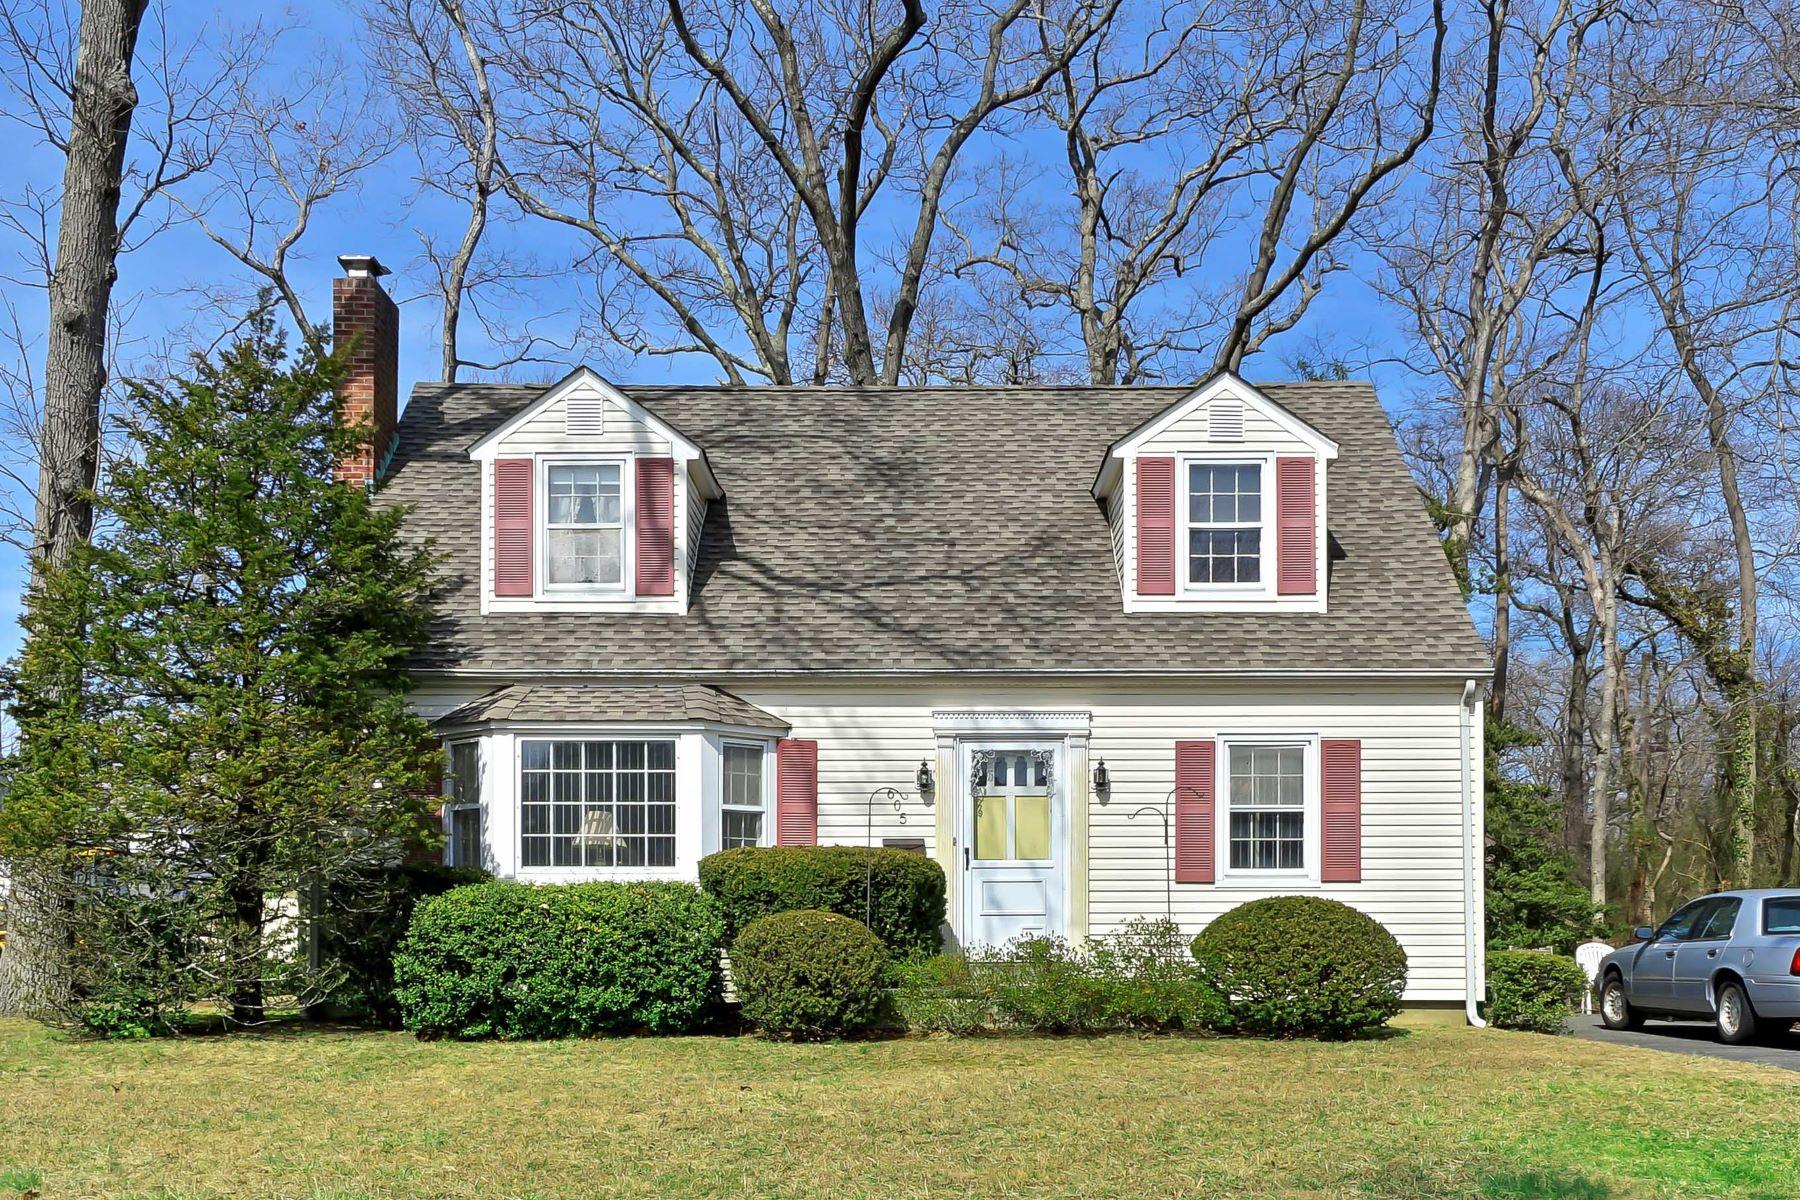 Частный односемейный дом для того Продажа на Charming Cape 605 Chicago Boulevard, Sea Girt, Нью-Джерси 08750 Соединенные Штаты